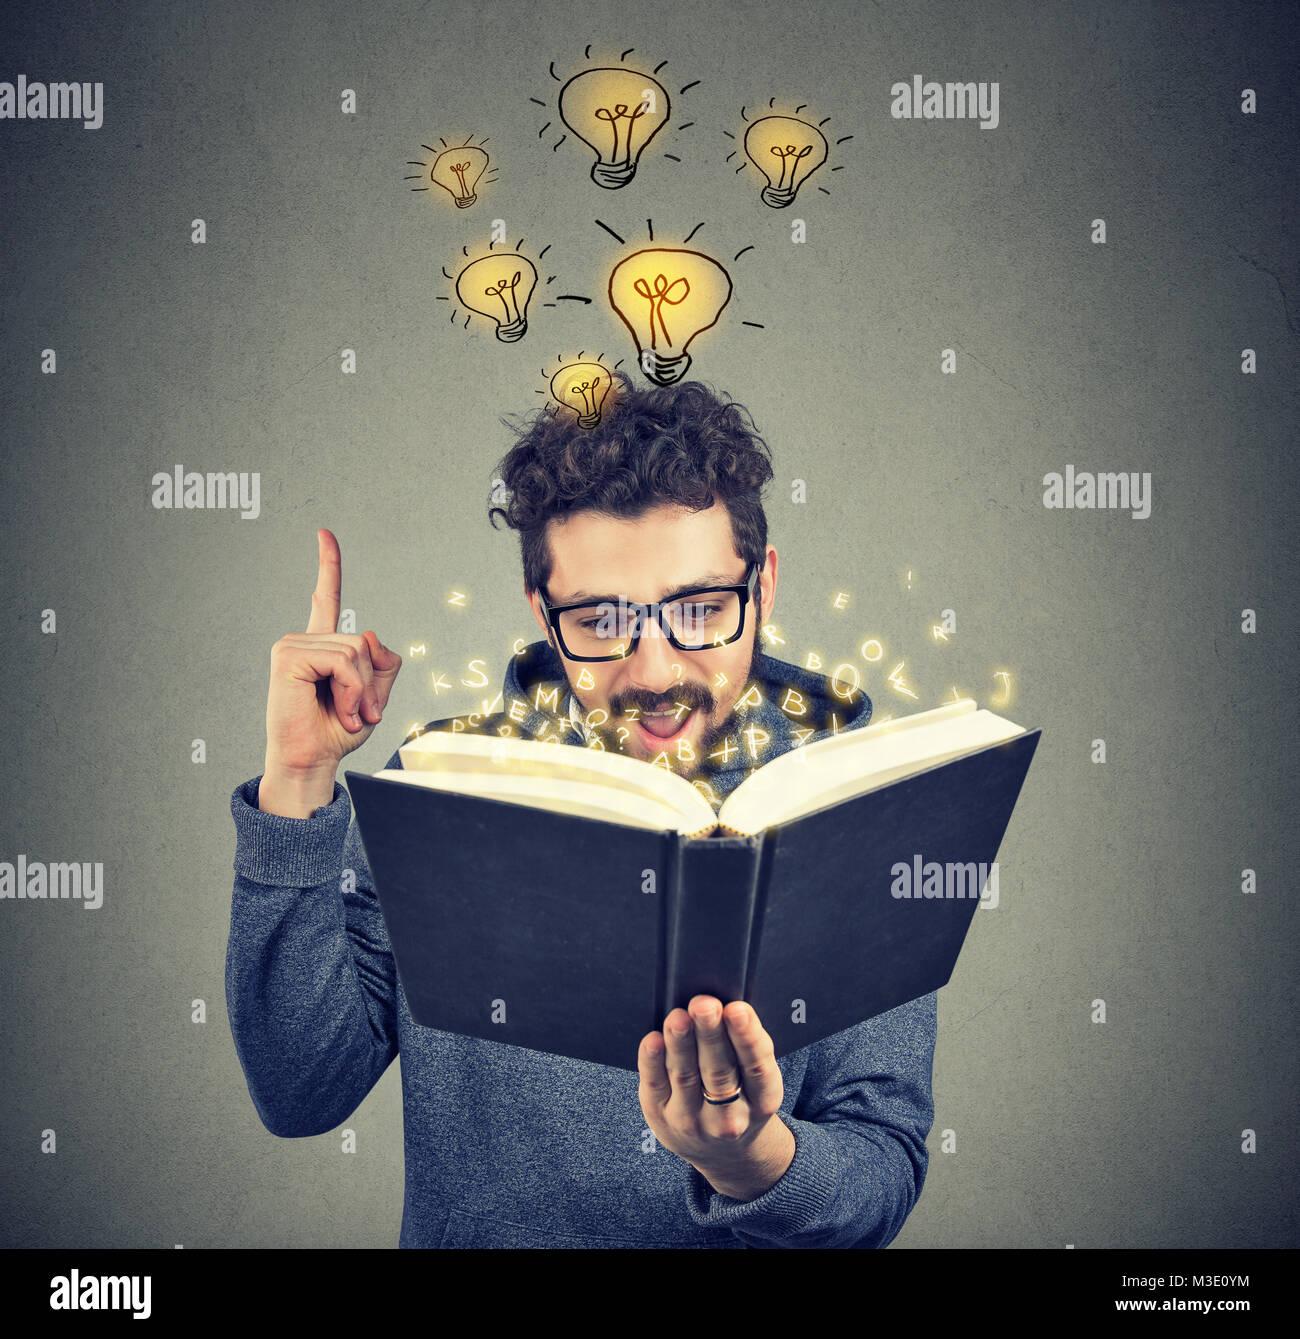 Junge Mann in brillante Idee im Verstand zu kommen Während der smart Buch zu lesen. Stockbild